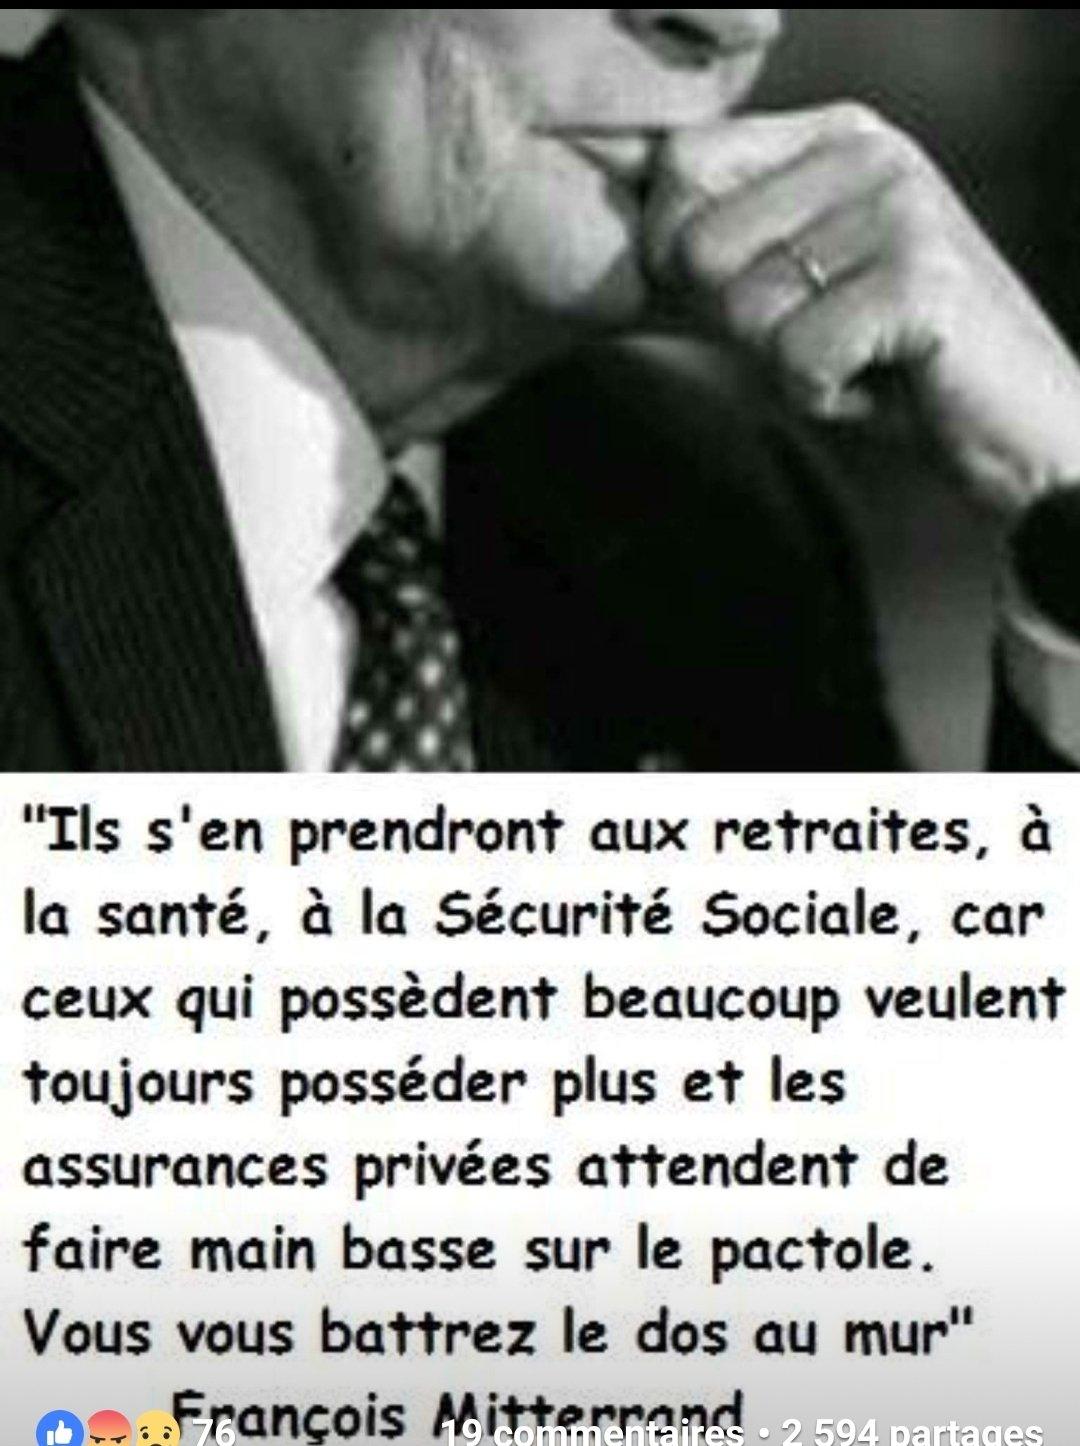 #Macron  #LREM  #LR  #FN https://t.co/m6aoVkCE8p